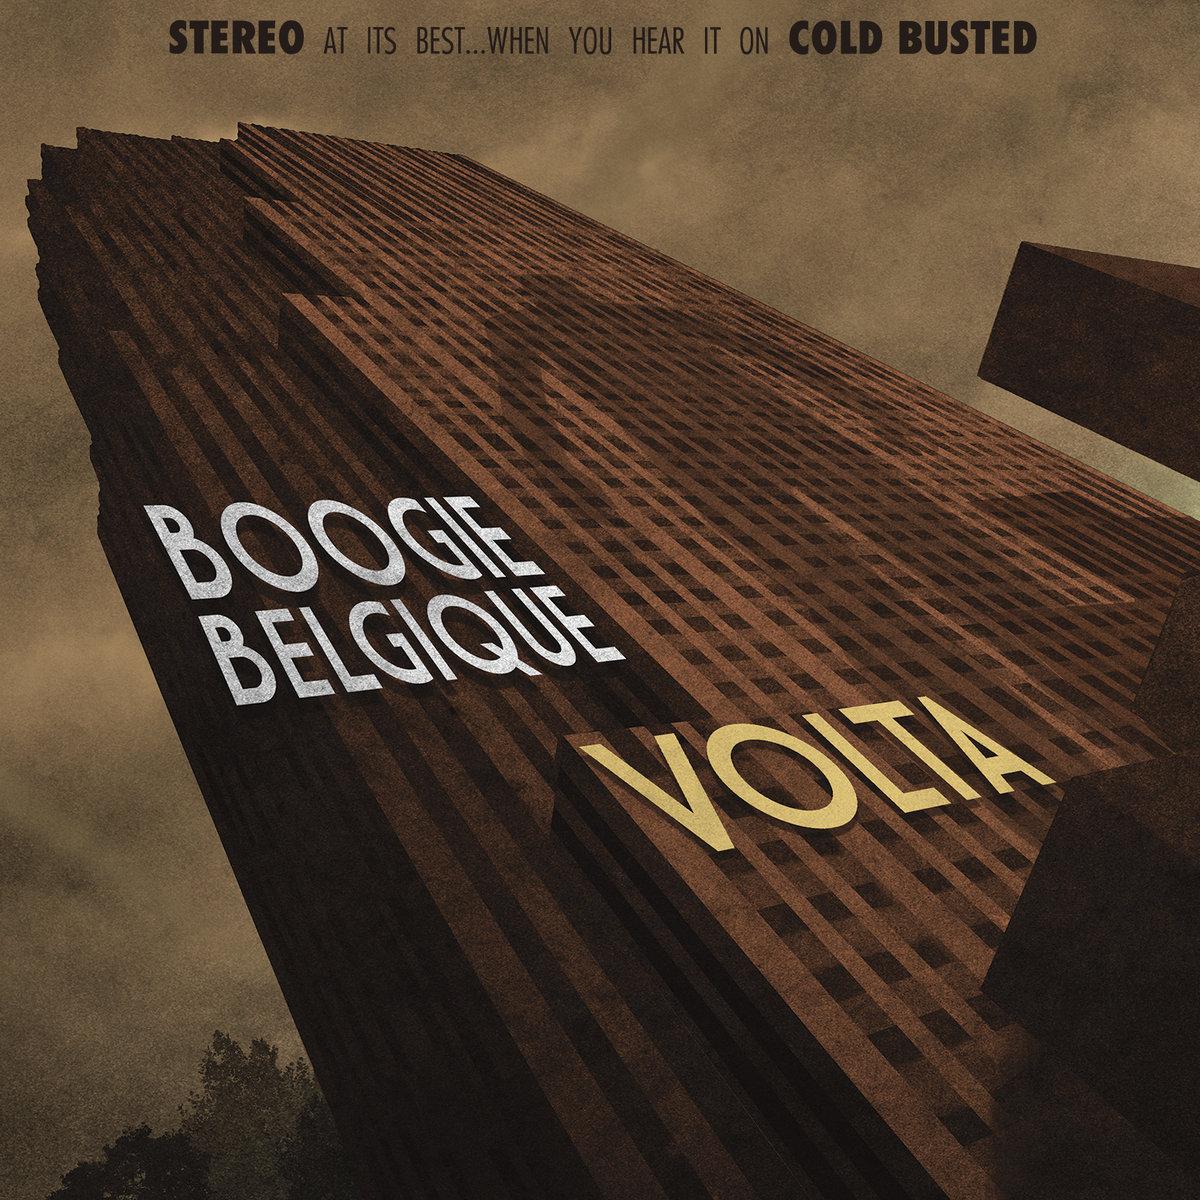 Boogie Belgique – Volta (2016) [Instrumental Hip Hop Jazz